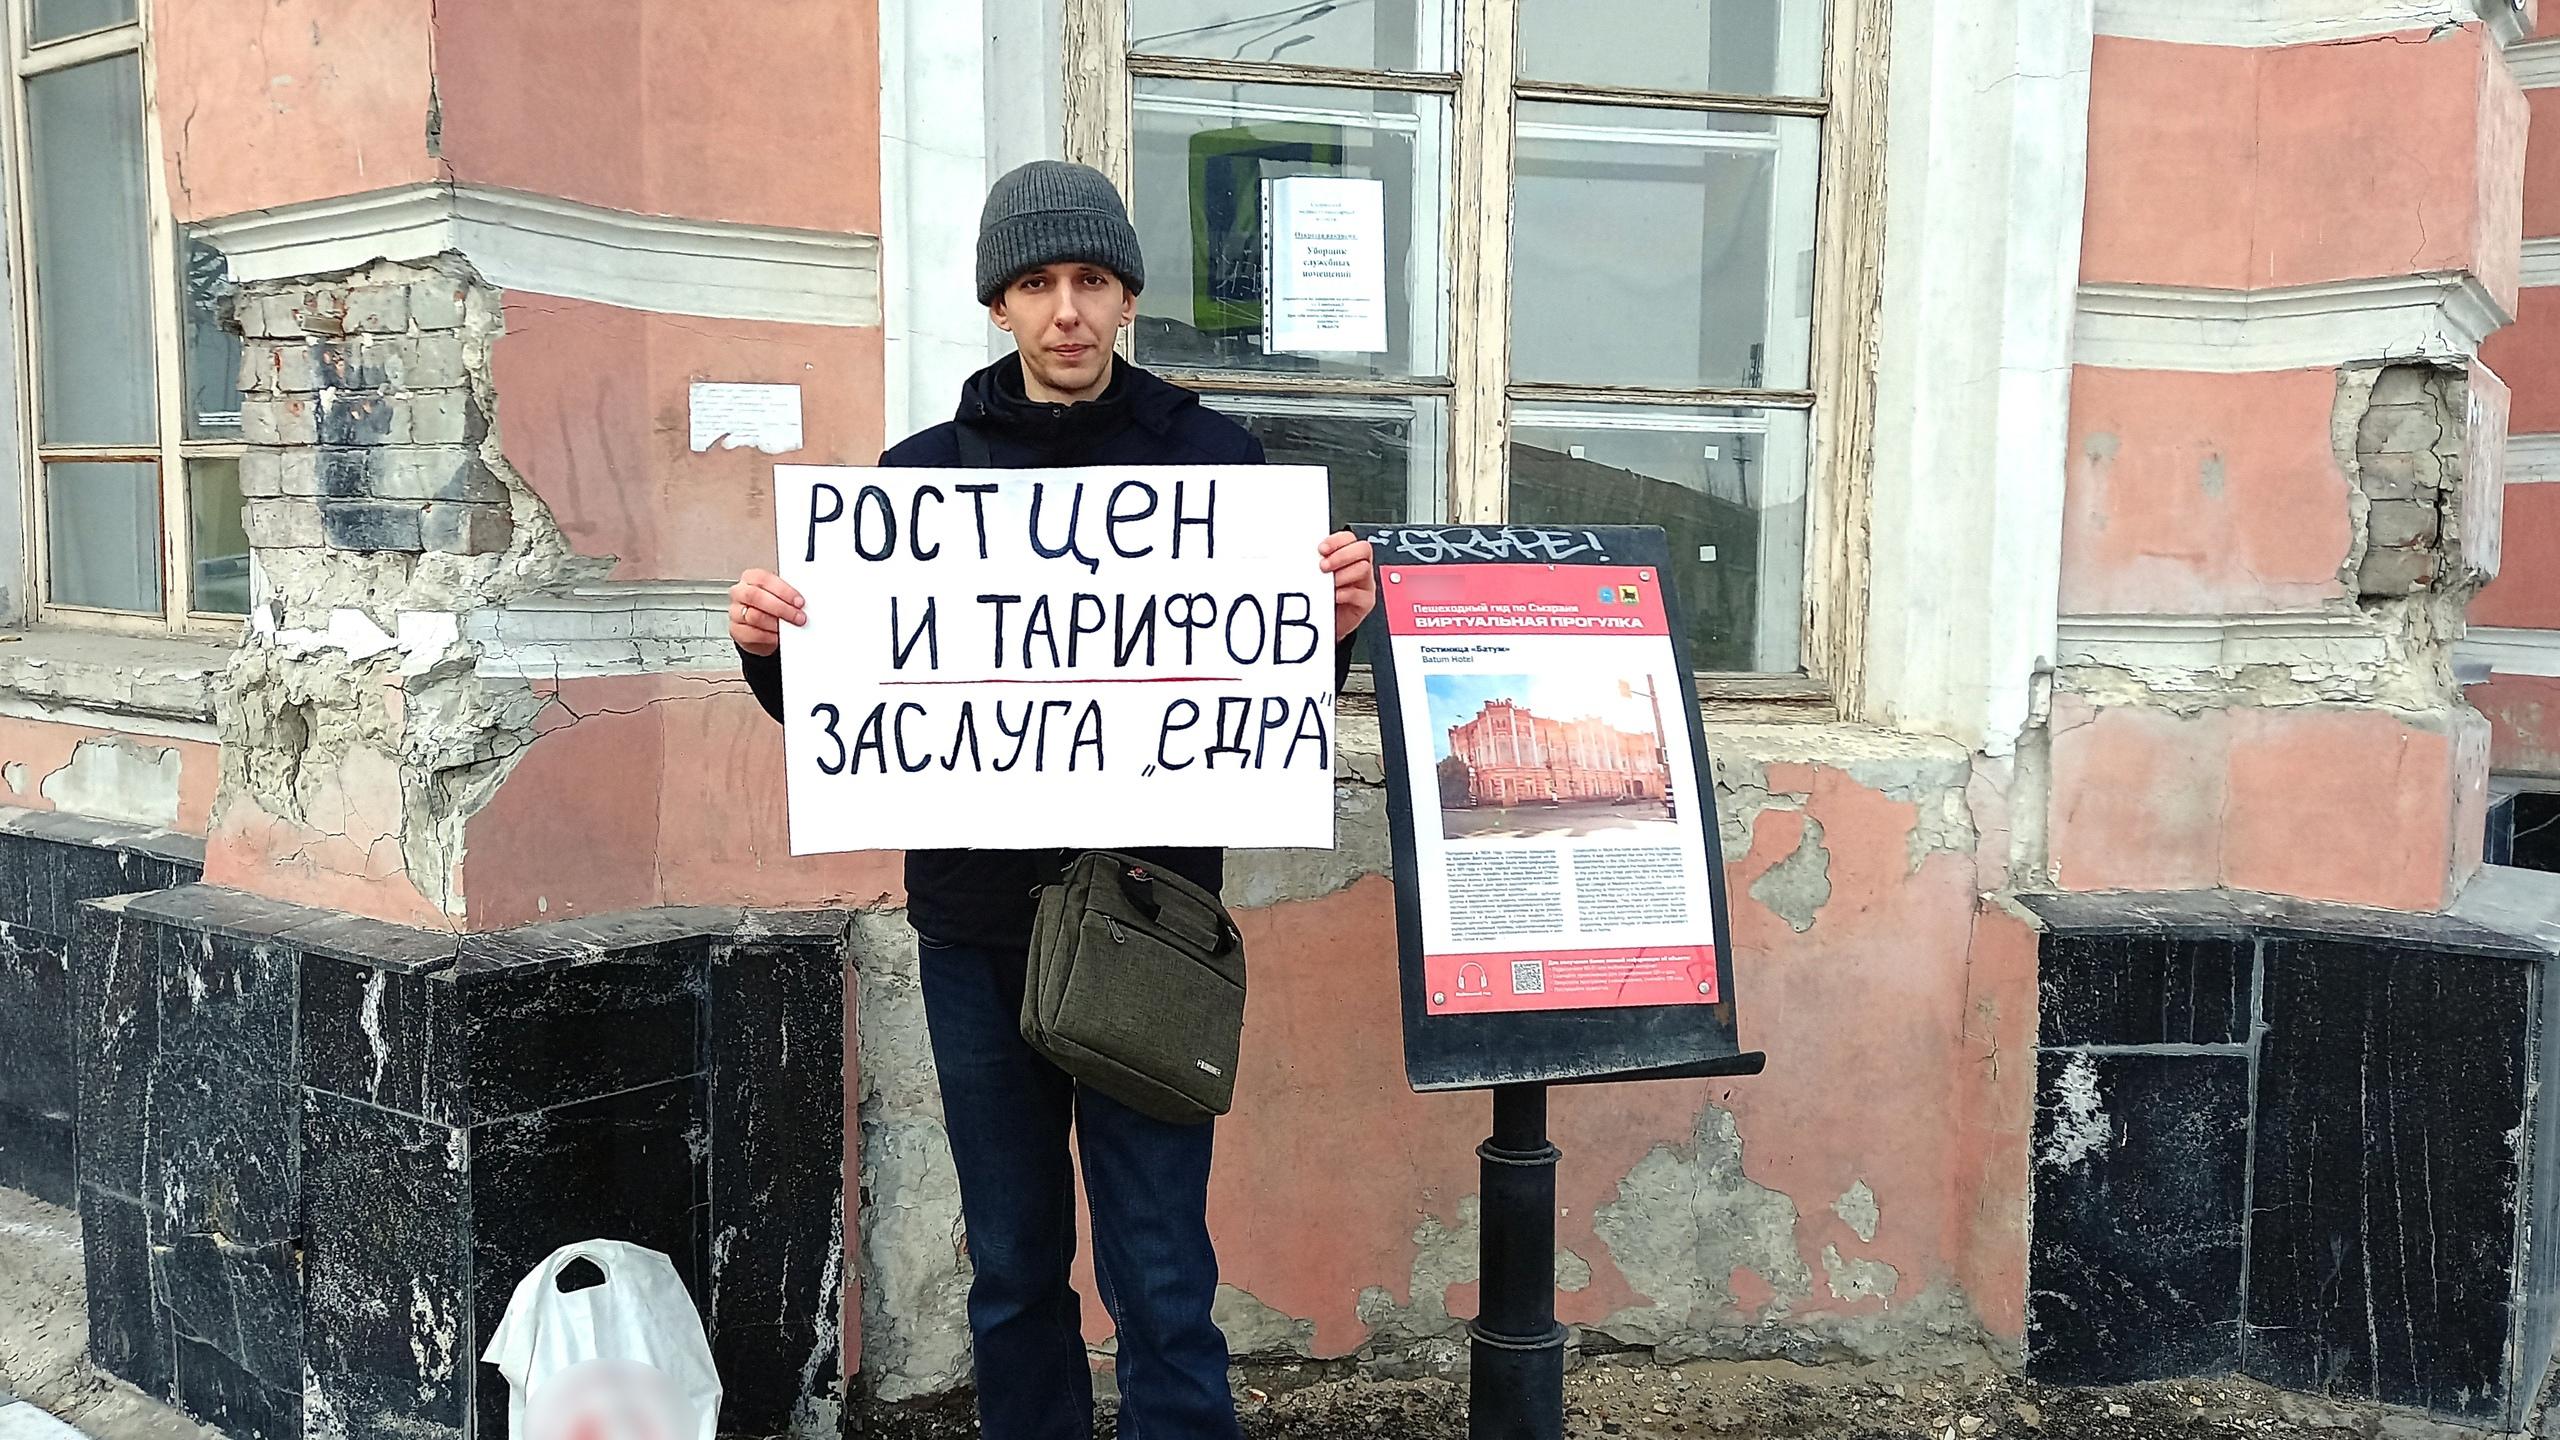 Сызрань, Советская - 20 марта 2021 года